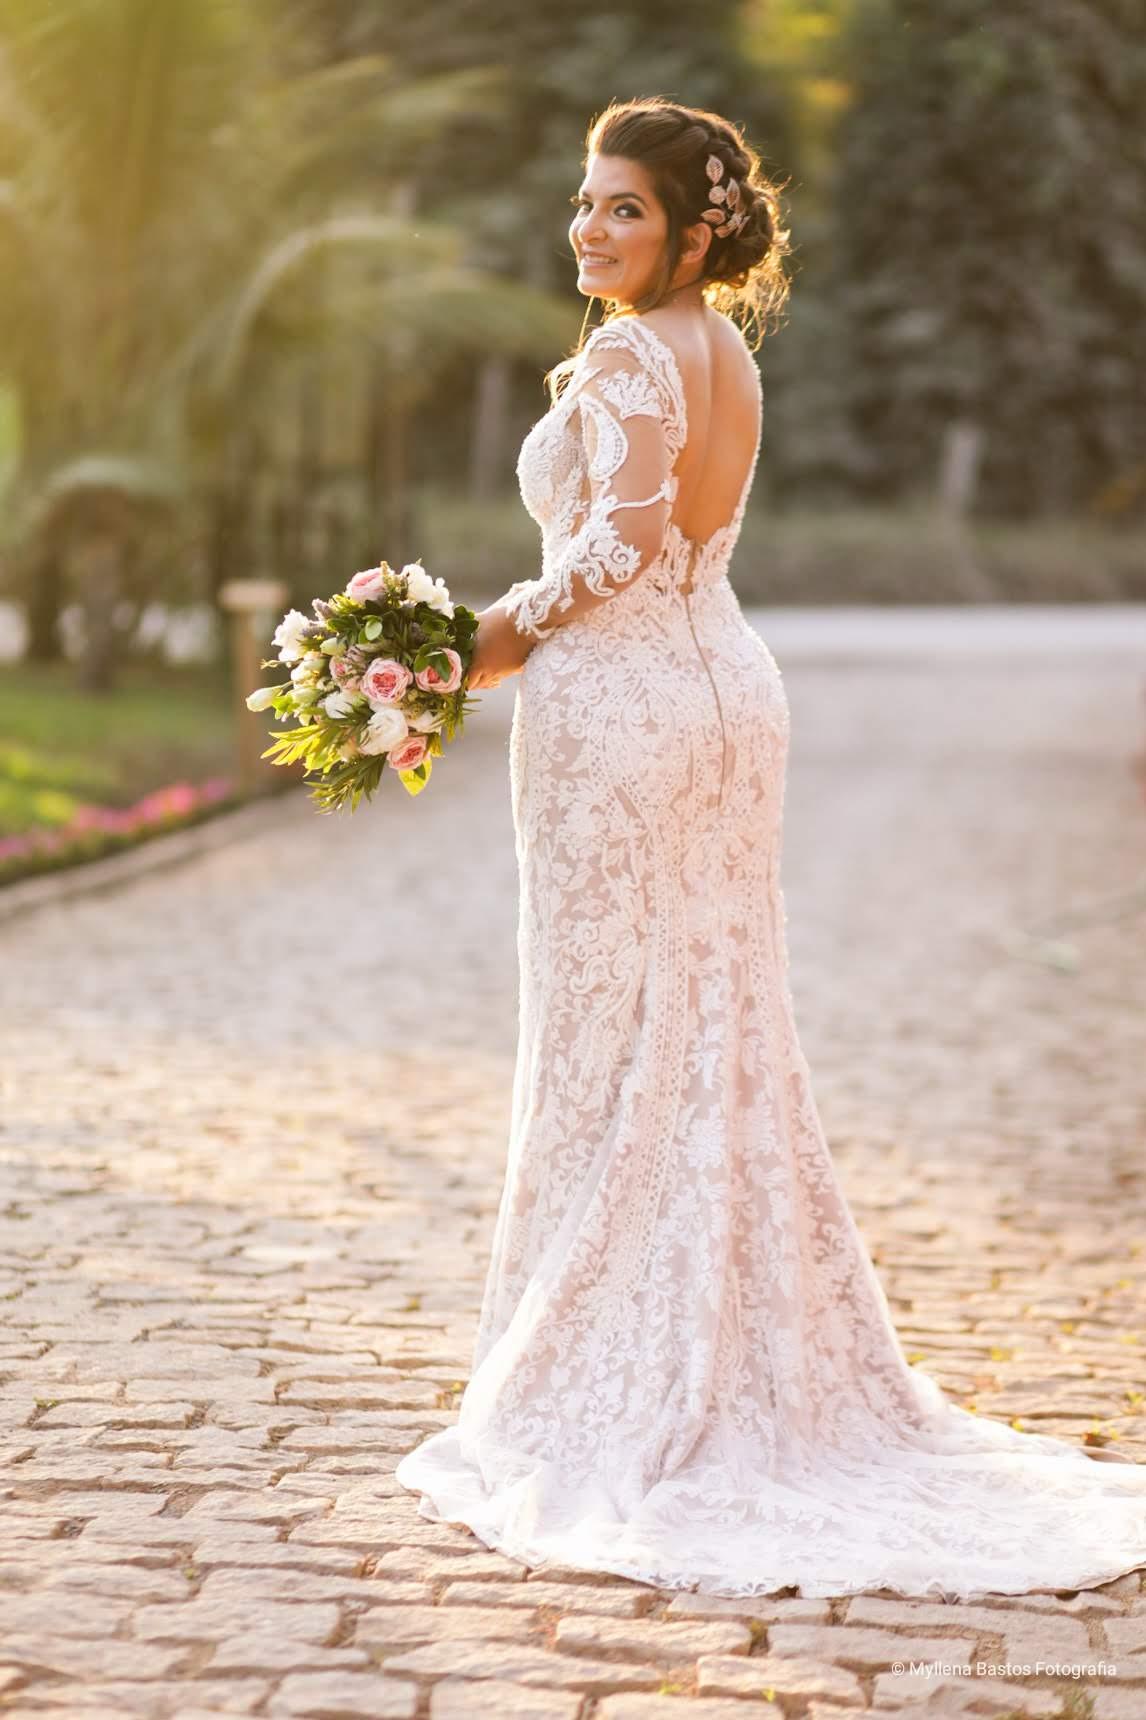 Casamento Bruna e Marciano Foto Myllena Bastos